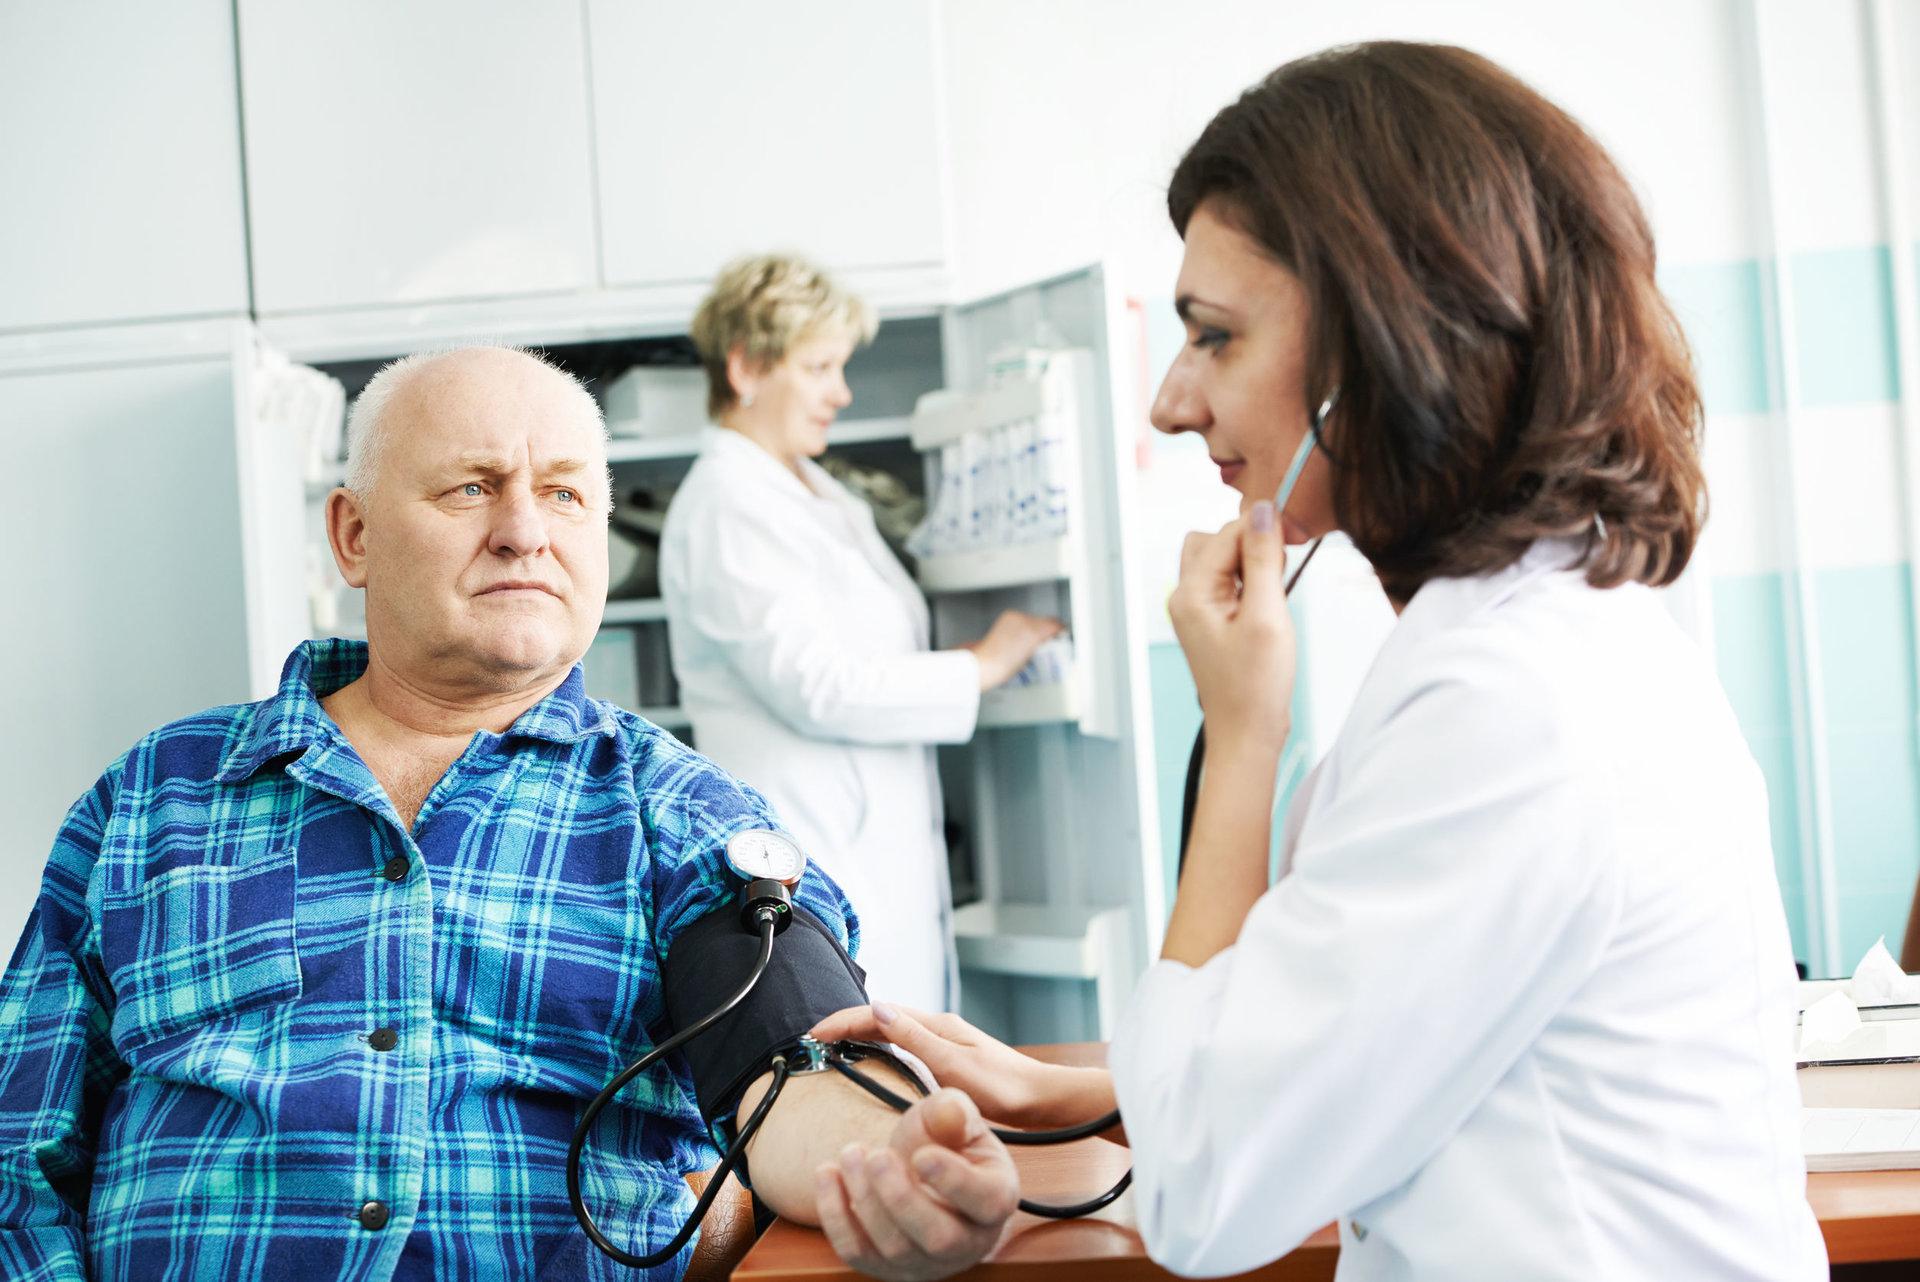 žmonių apžvalgos apie hipertenziją